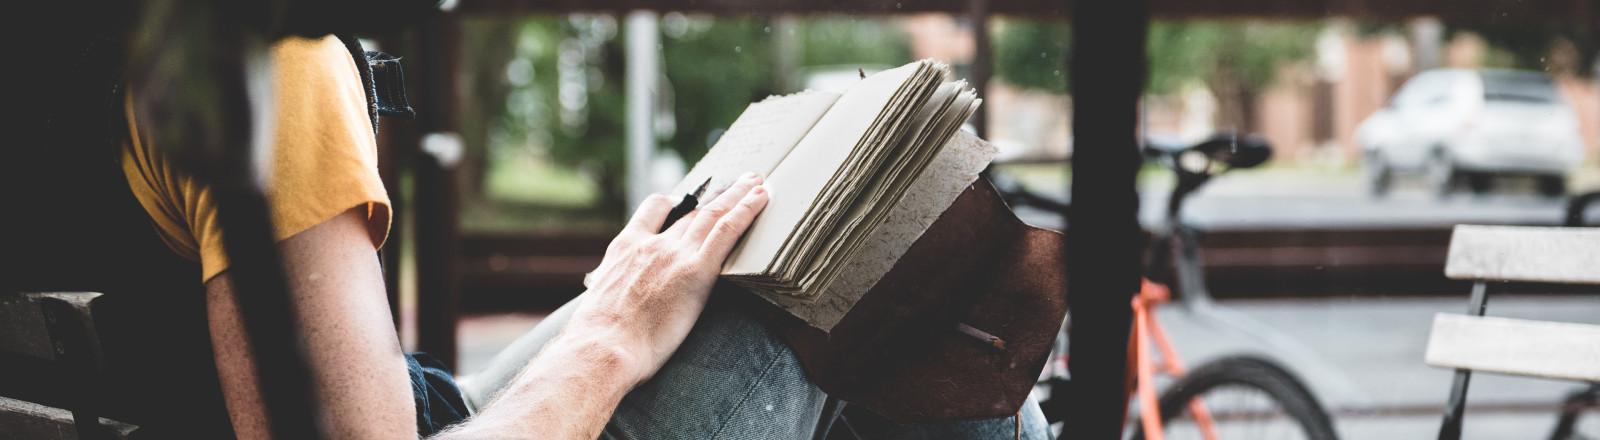 Mann sitzt auf einem Stuhl und schreibt Tagebuch.